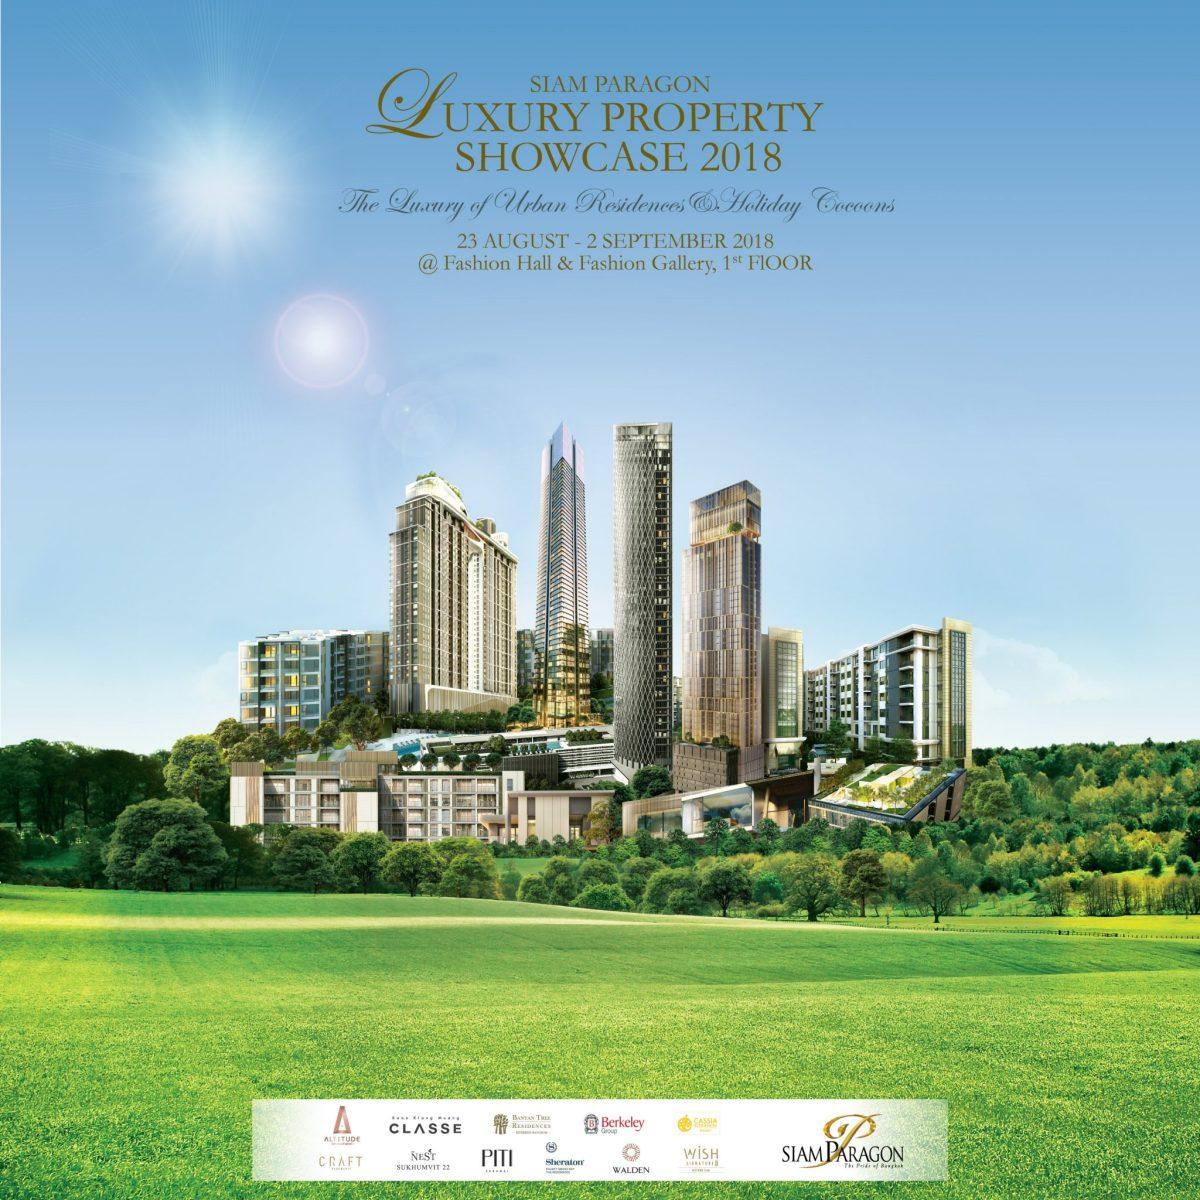 เดินงาน Siam Paragon Luxury Property Showcase 2018 สำรวจสุดยอดข้อเสนอโครงการระดับมาสเตอร์พีช 42 - AP (Thailand) - เอพี (ไทยแลนด์)